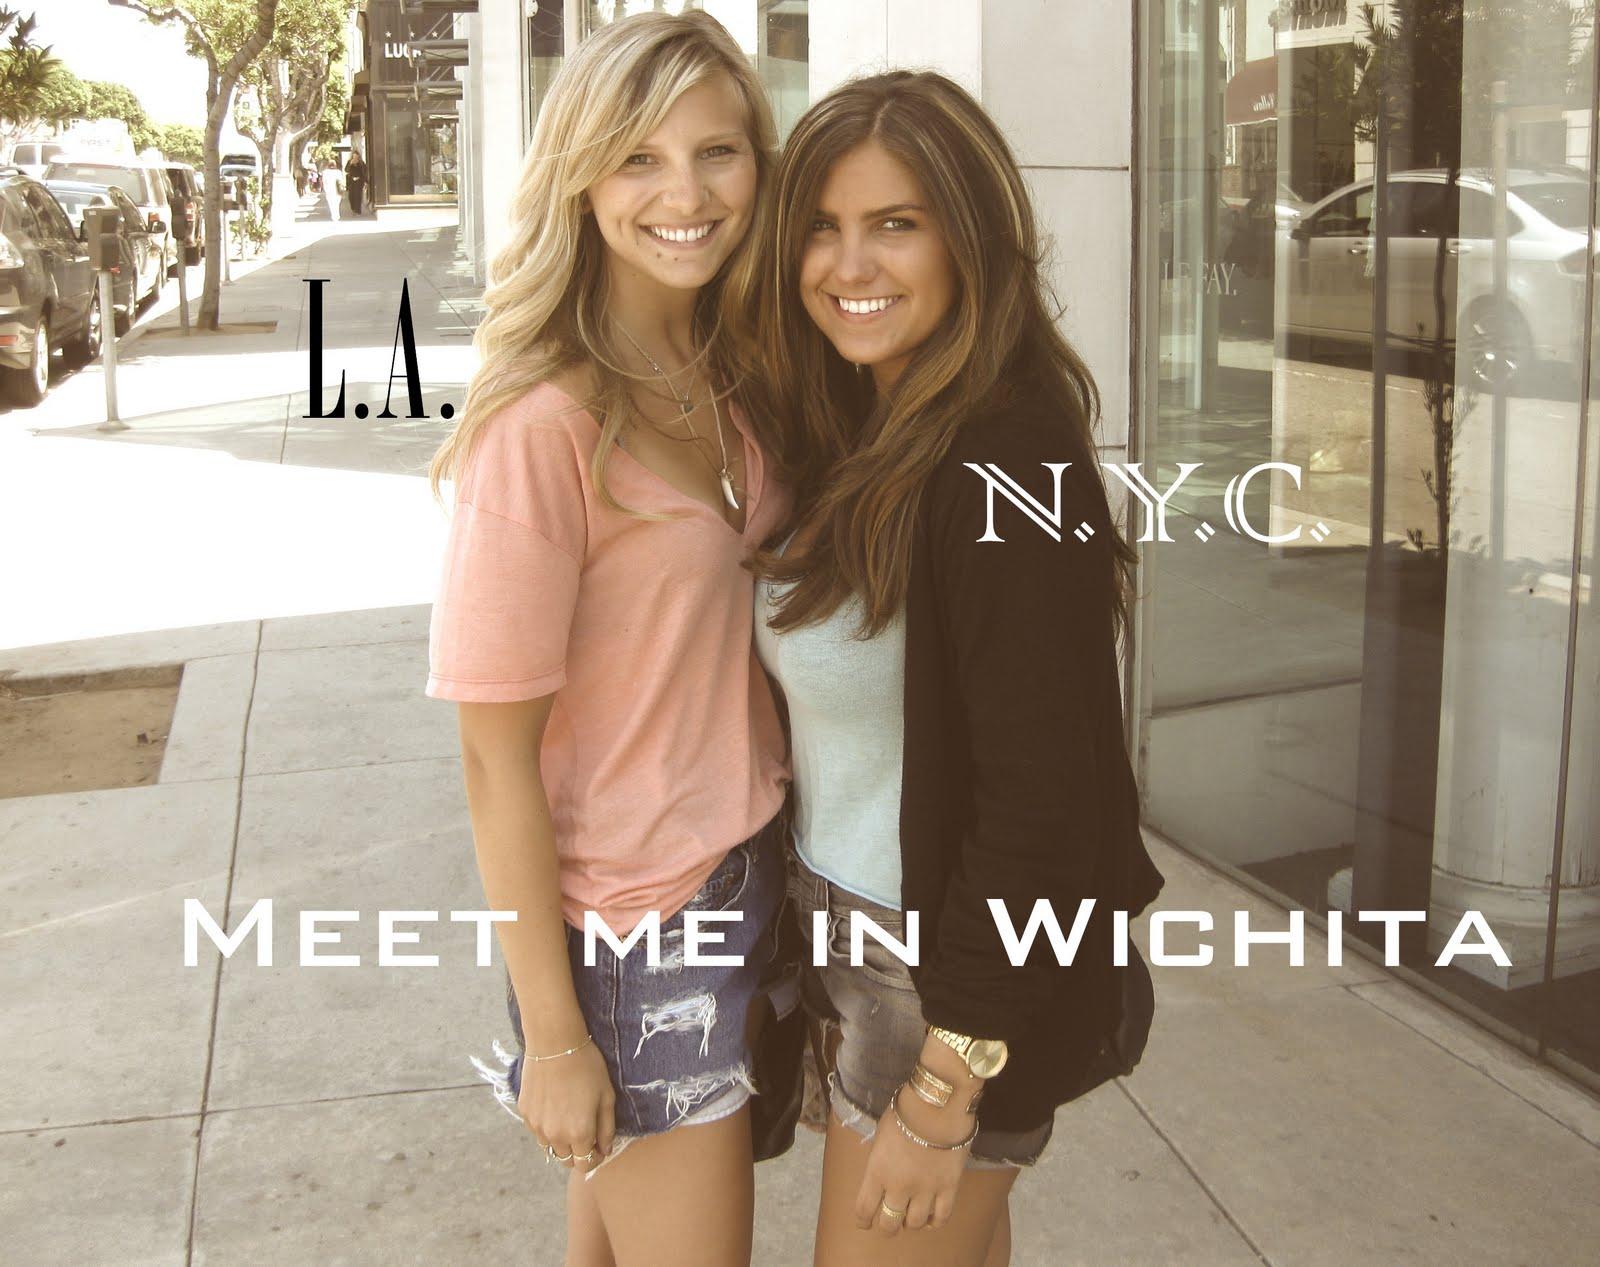 Meet Me in Wichita